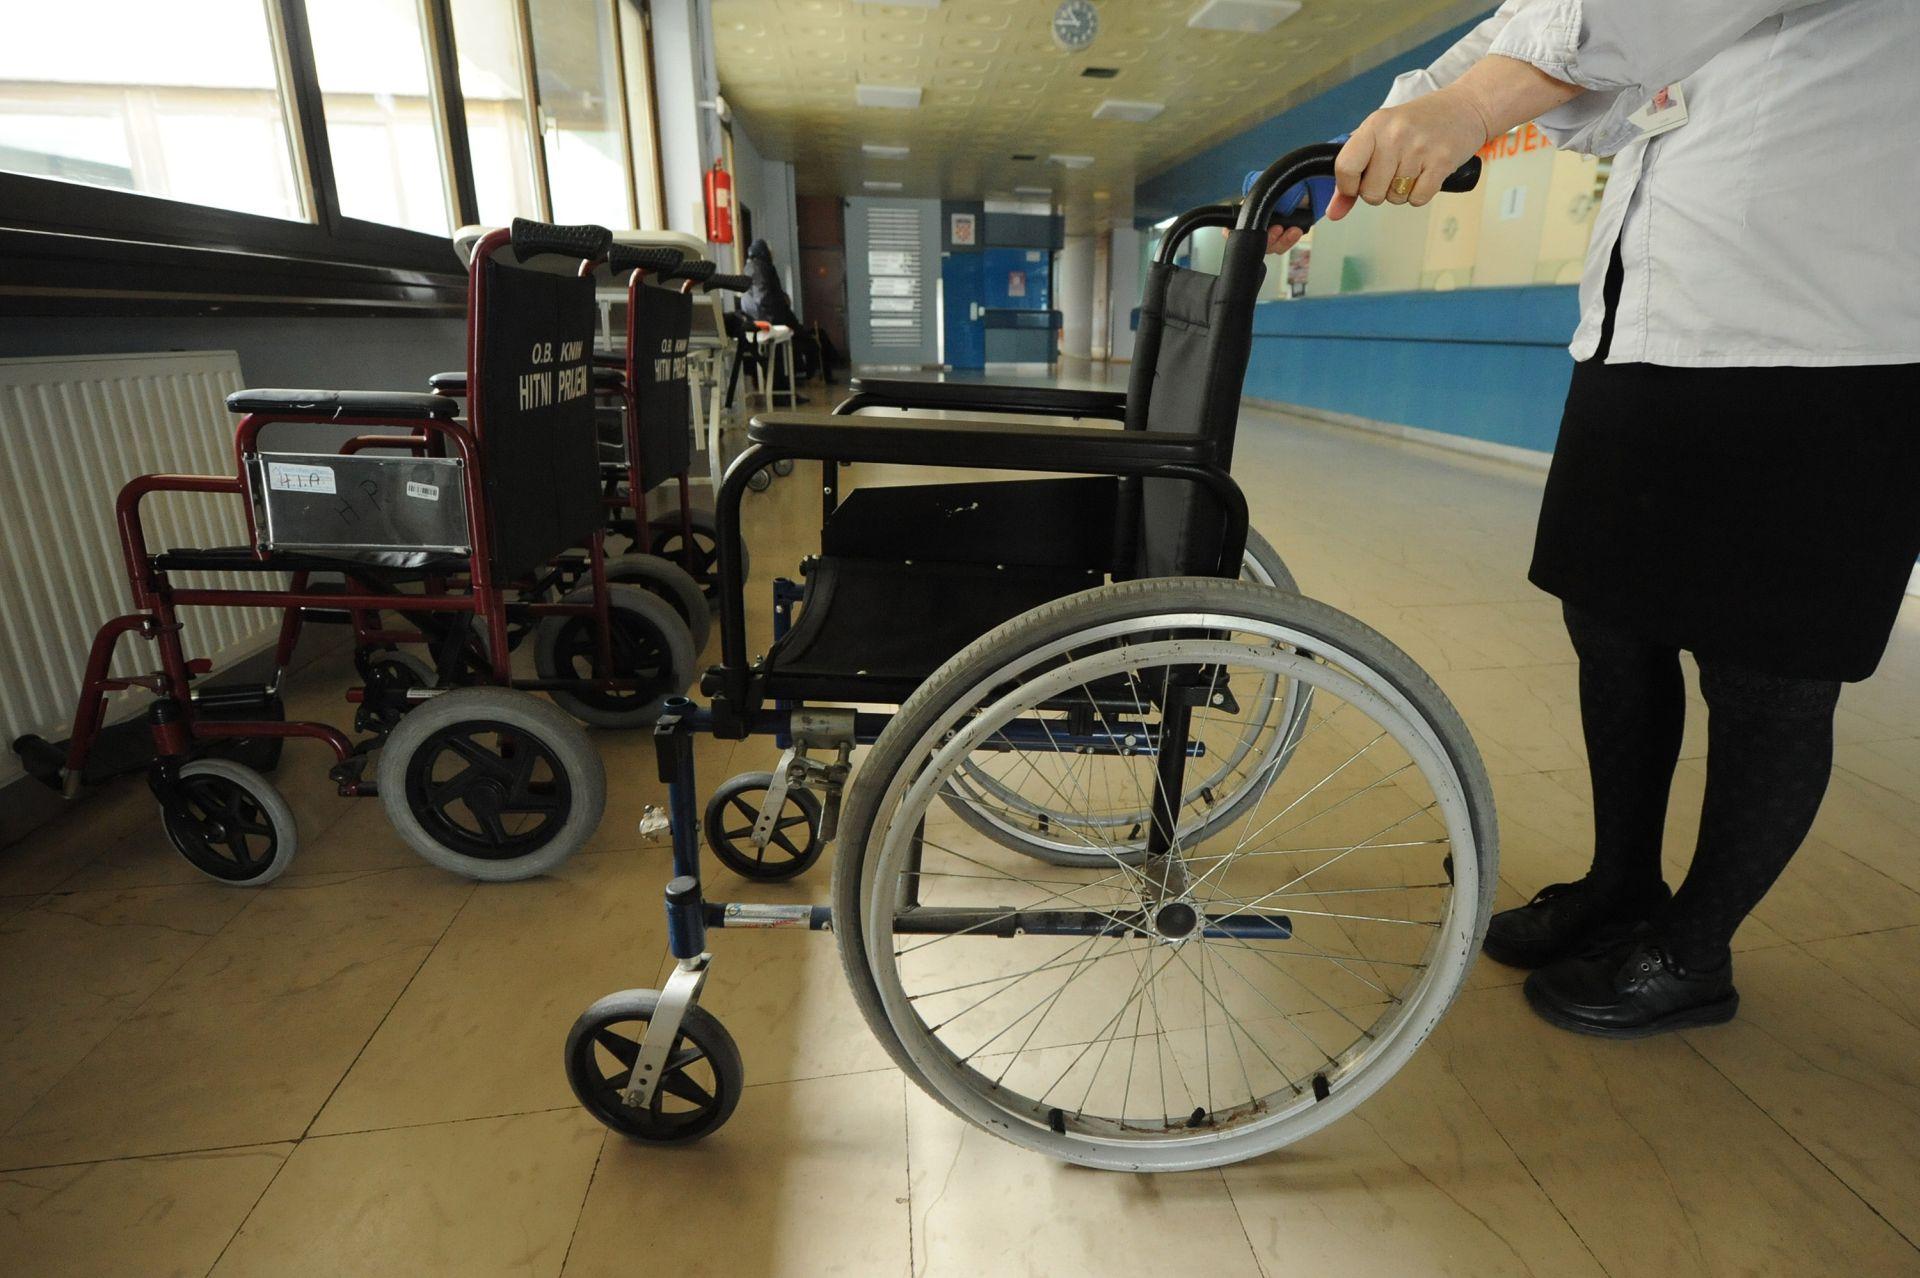 KAZNENA PRIJAVA: Lažni ratni invalid oštetio državu za više od 1,3 milijuna kuna